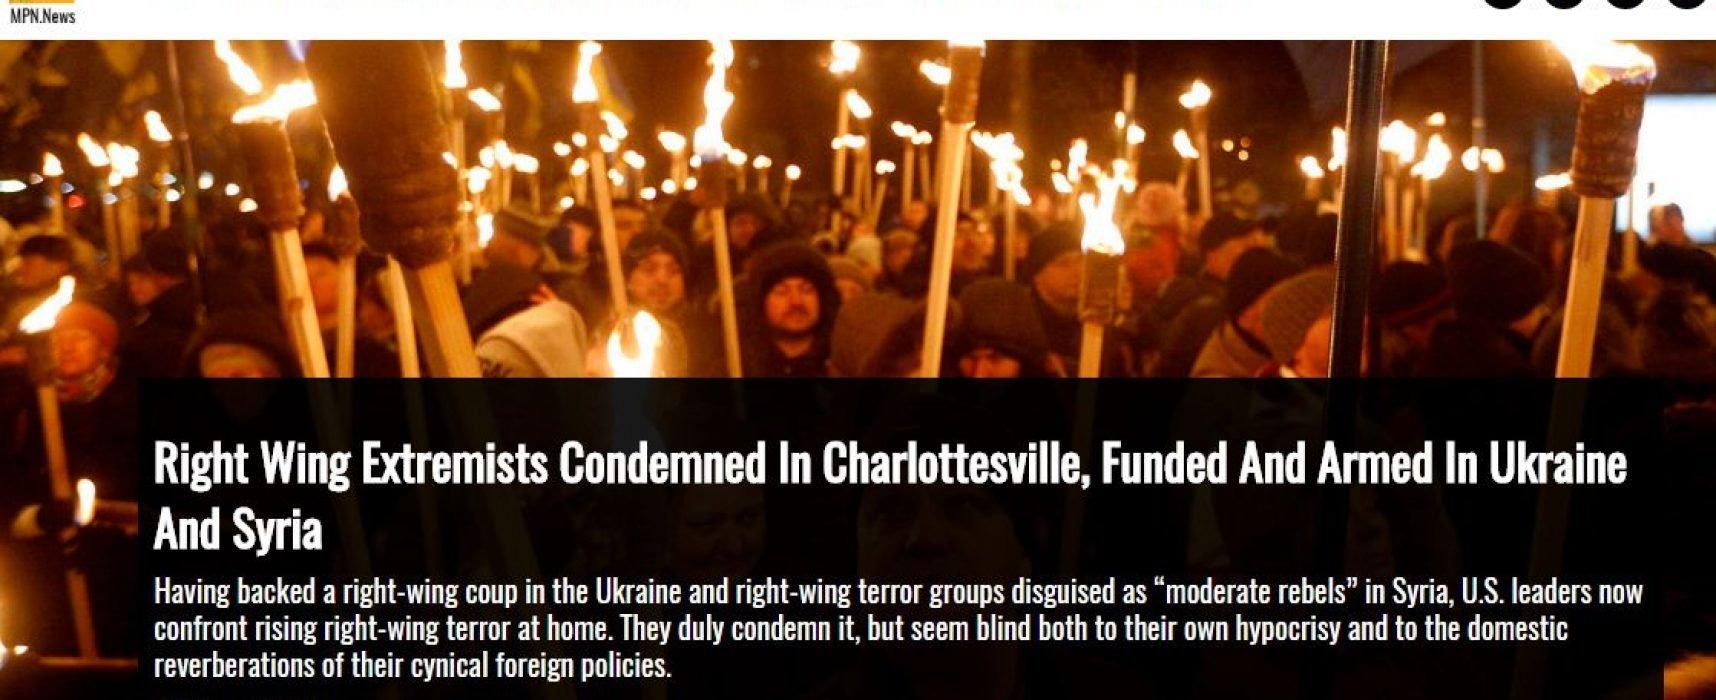 Manipulace: Pochod v Charlottesville má spojitost s ultrapravicovými extremisty na Ukrajině, jež podporuje USA